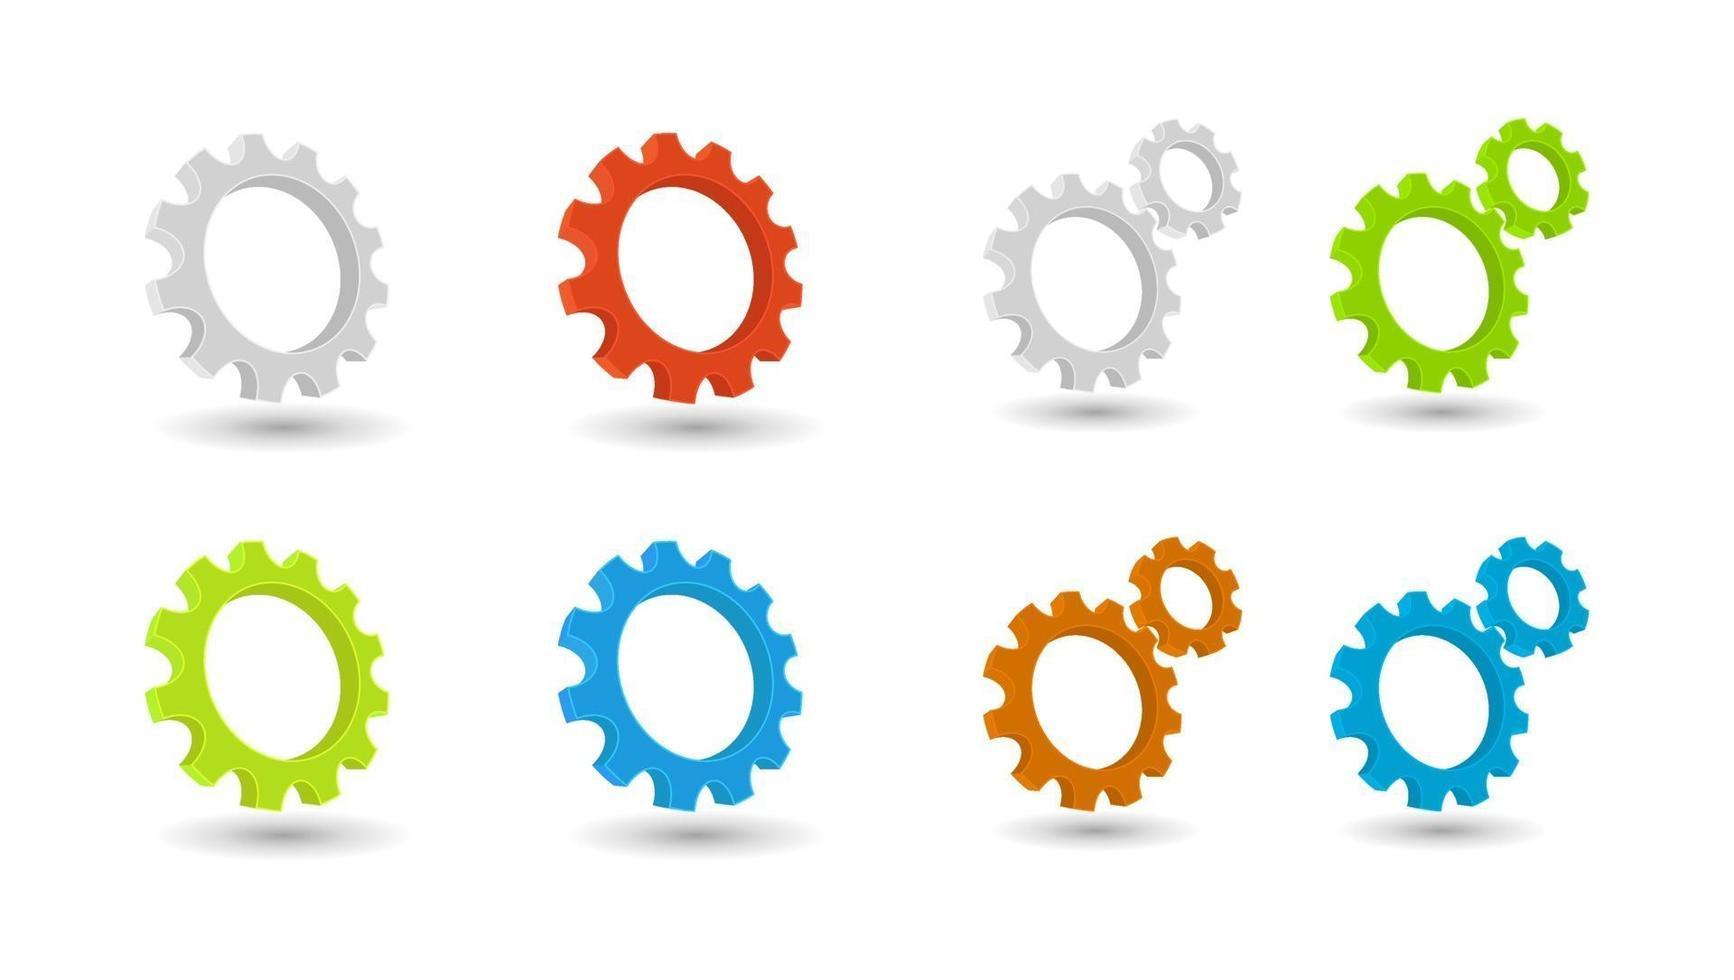 conjunto de ícones 3d de roda dentada para trabalho em equipe vetor